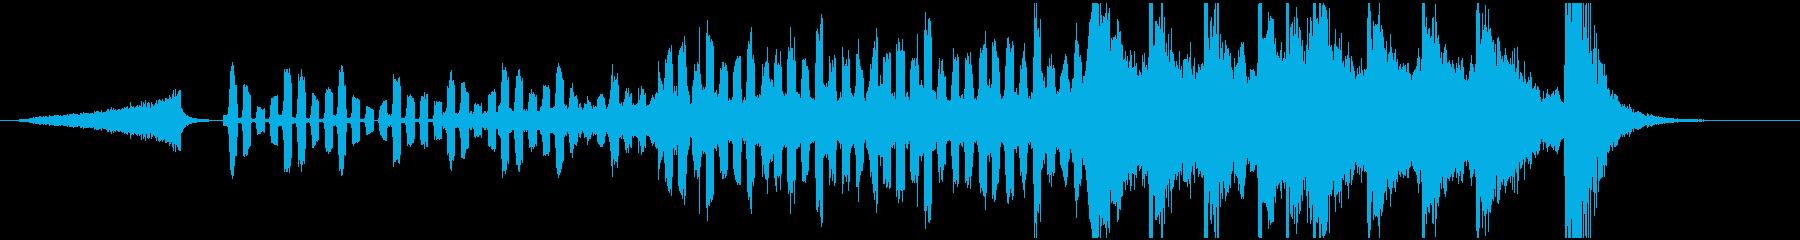 オープニング感のあるシンセサウンドの再生済みの波形